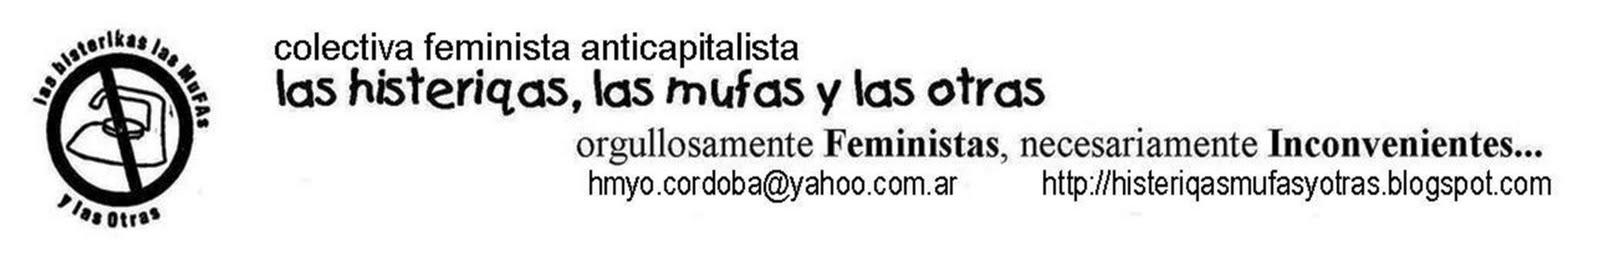 las histeriqas, las mufas y las otras colectiva feminista anticapitalista